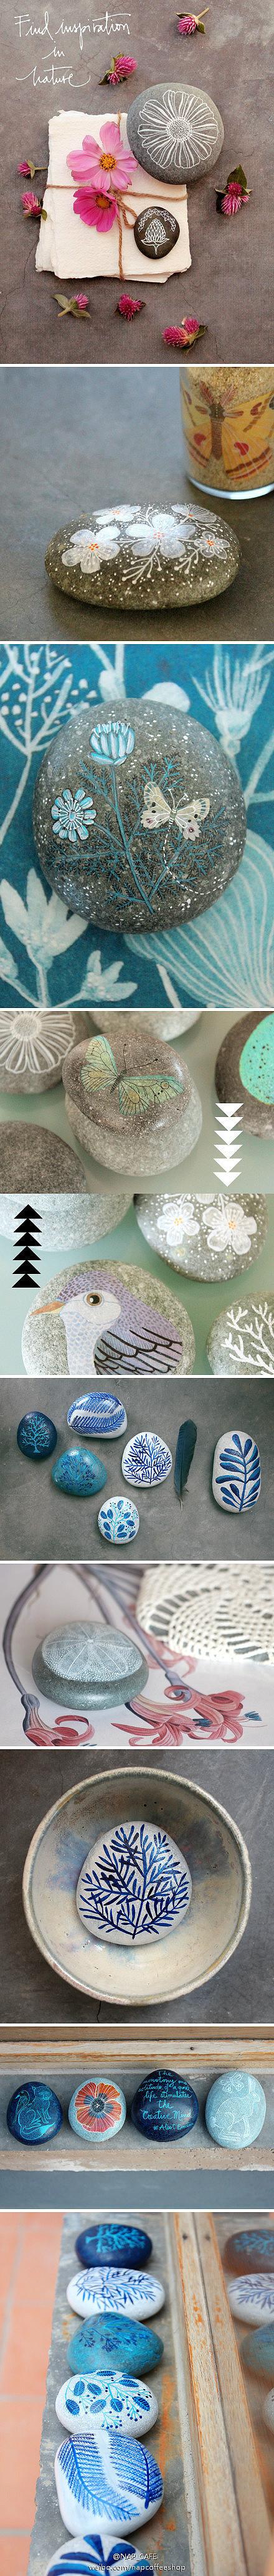 Piedras pintadas /